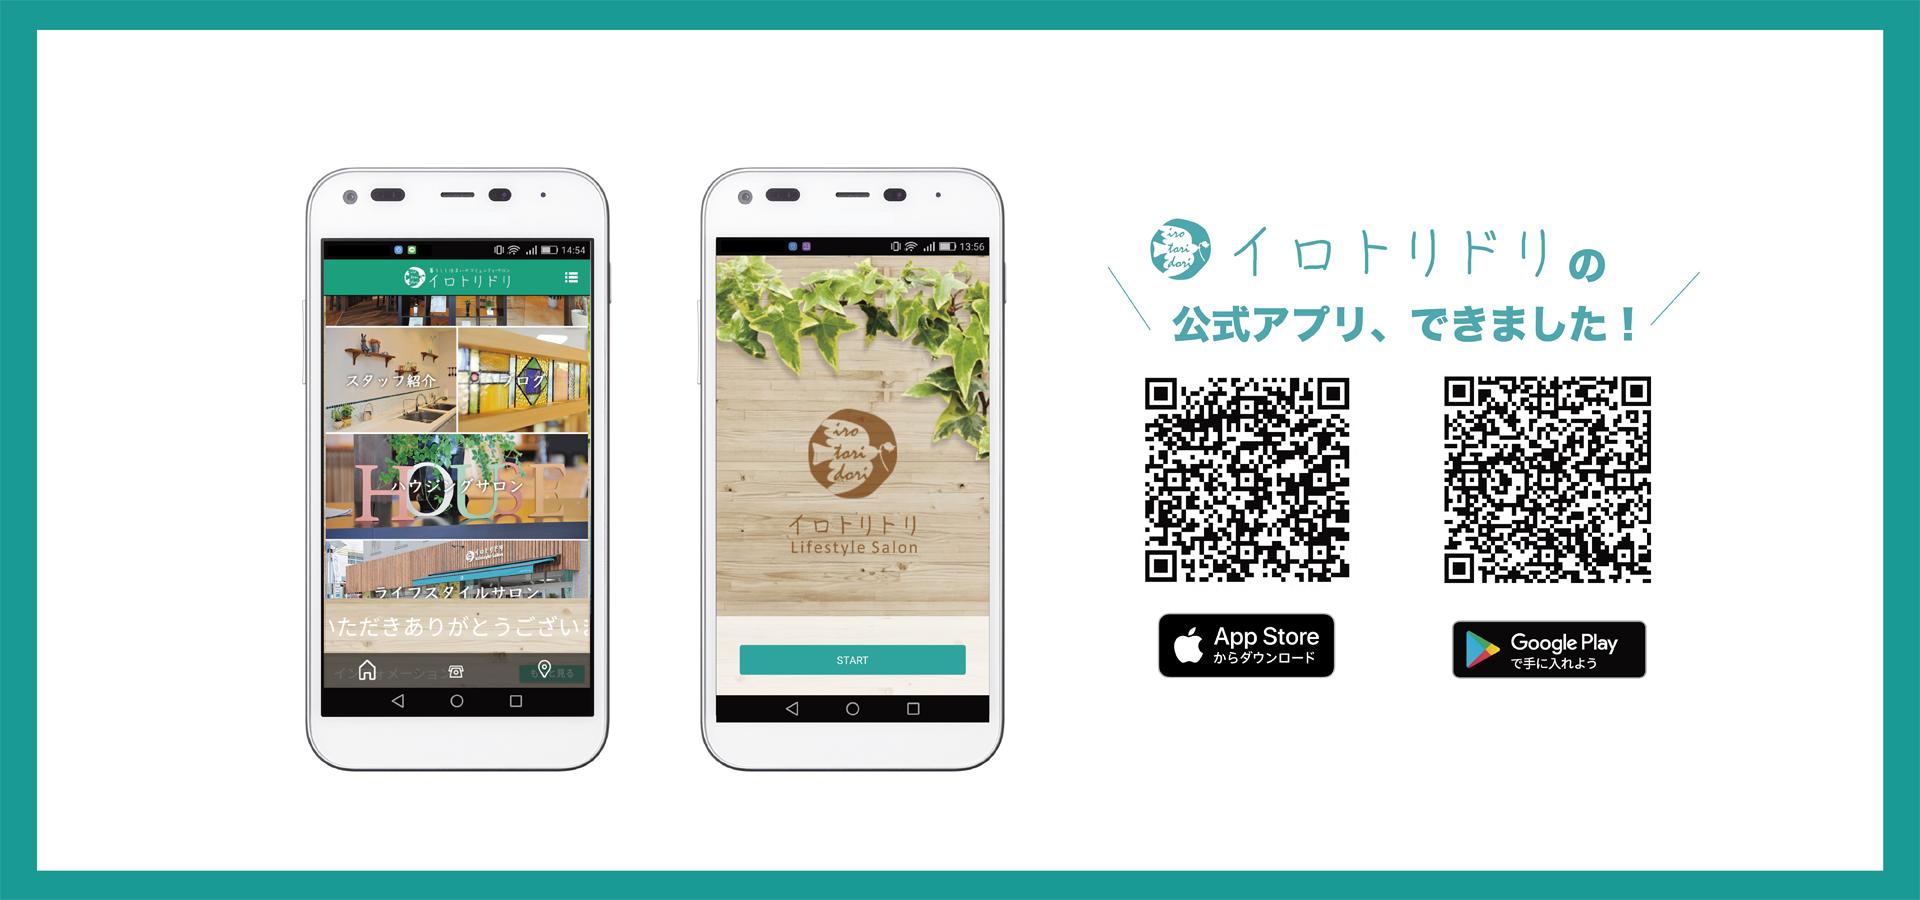 HPスライドアプリ